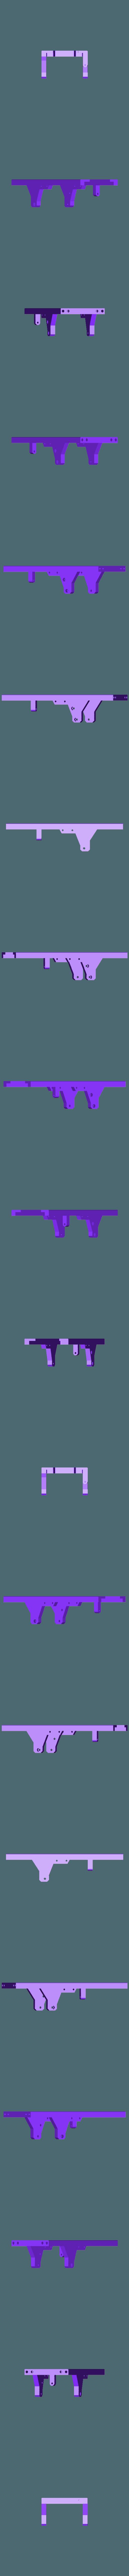 Truck_V4_Frame_A_short.STL Download STL file 3D Printed Rc Truck V4 • 3D printable template, MrCrankyface